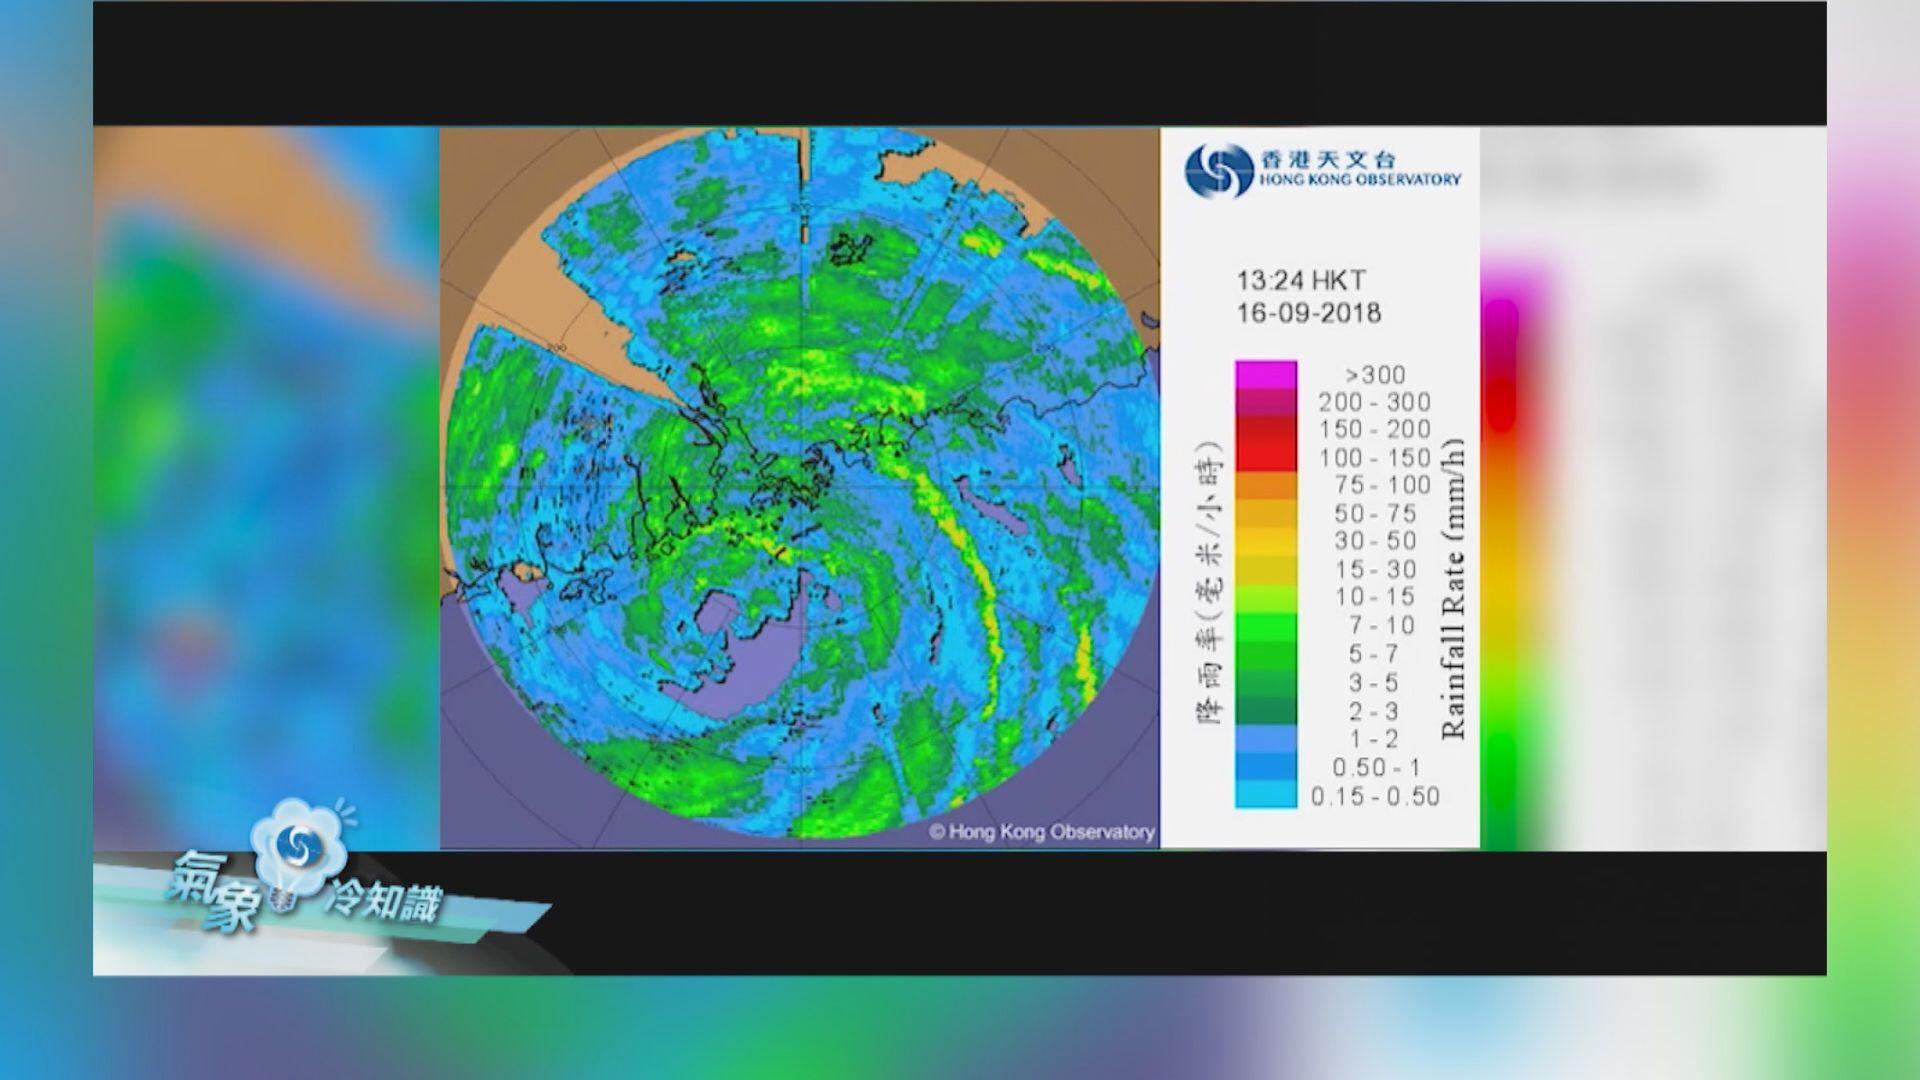 【氣象冷知識】黃茅洲-颱風前哨站